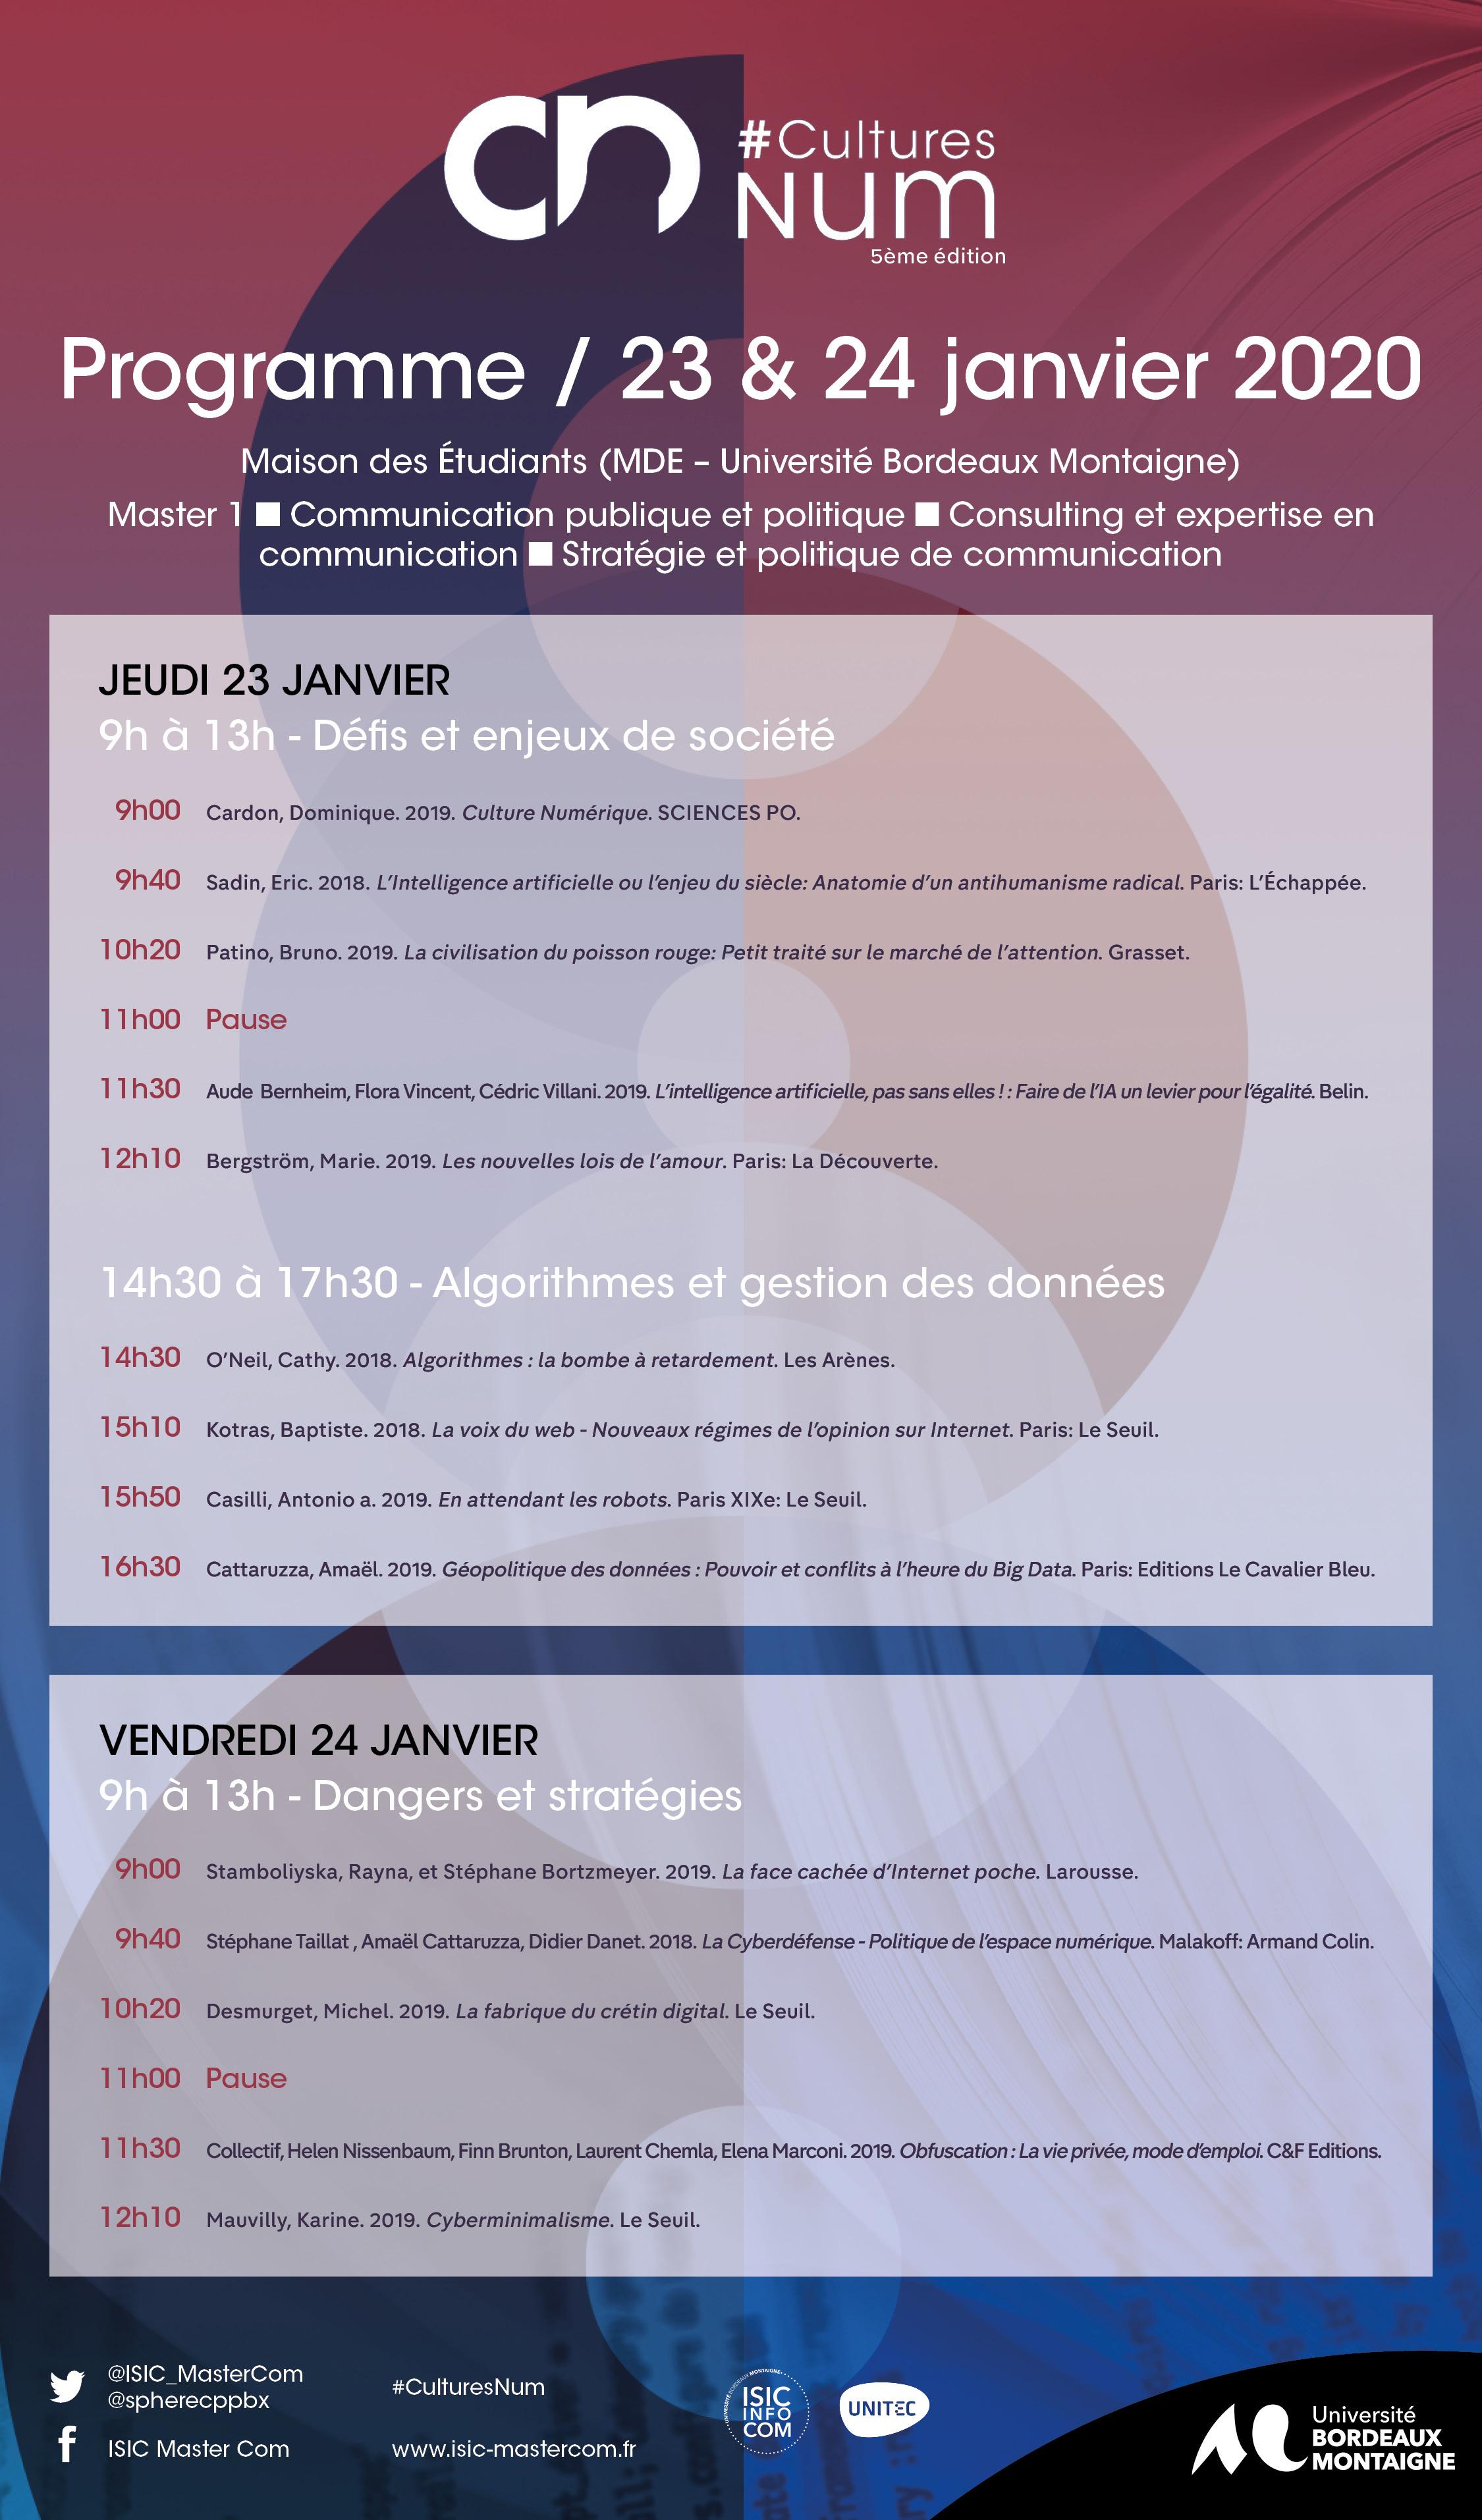 #CulturesNum – 5ème édition les 23 et 24 janvier 2020